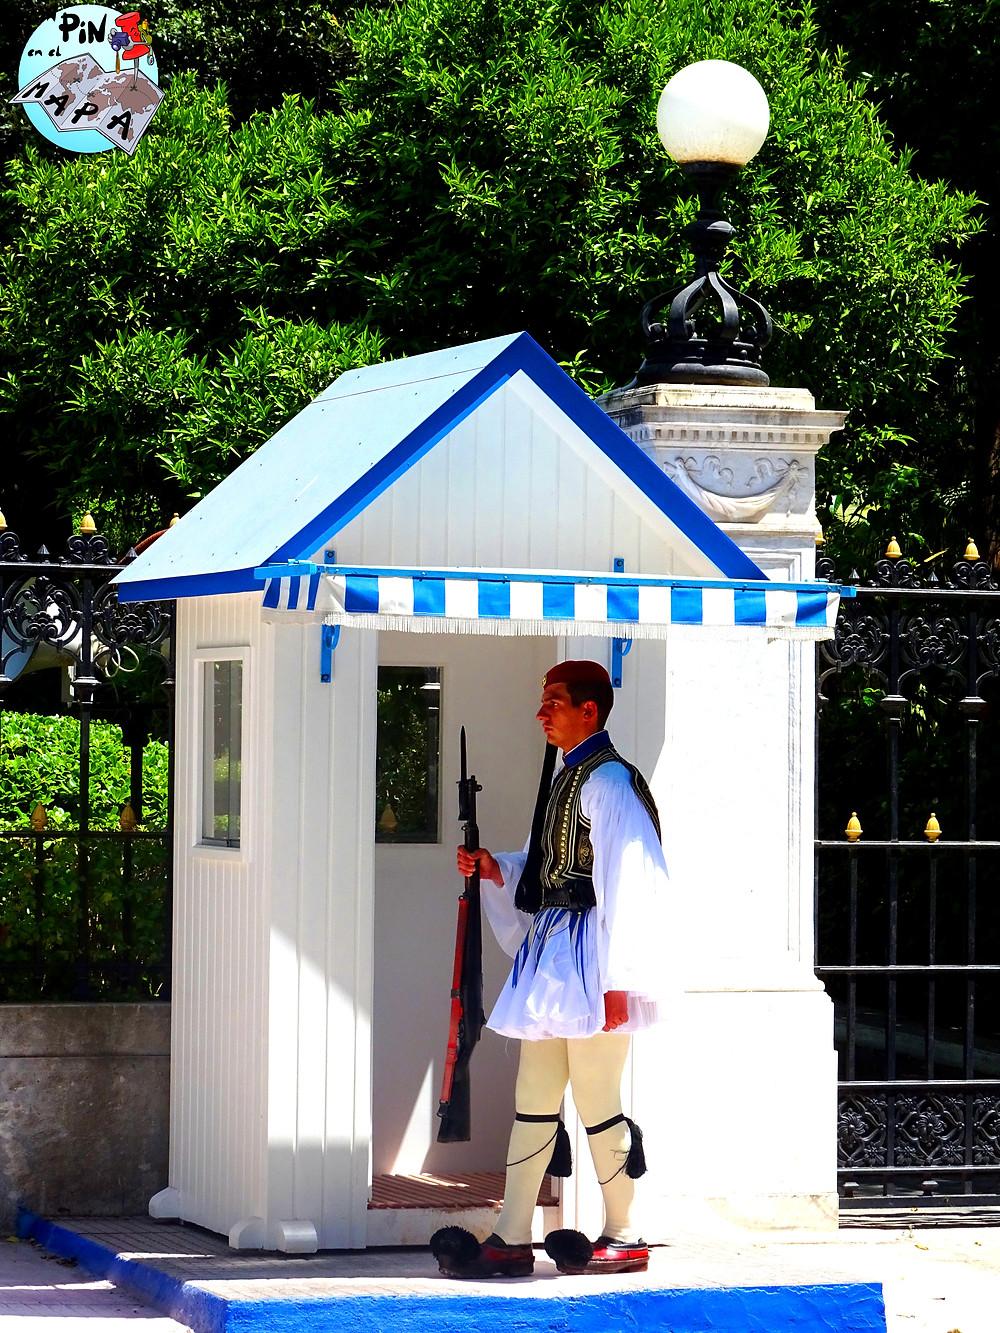 Cambio de guardia, Atenas | Un Pin en el Mapa